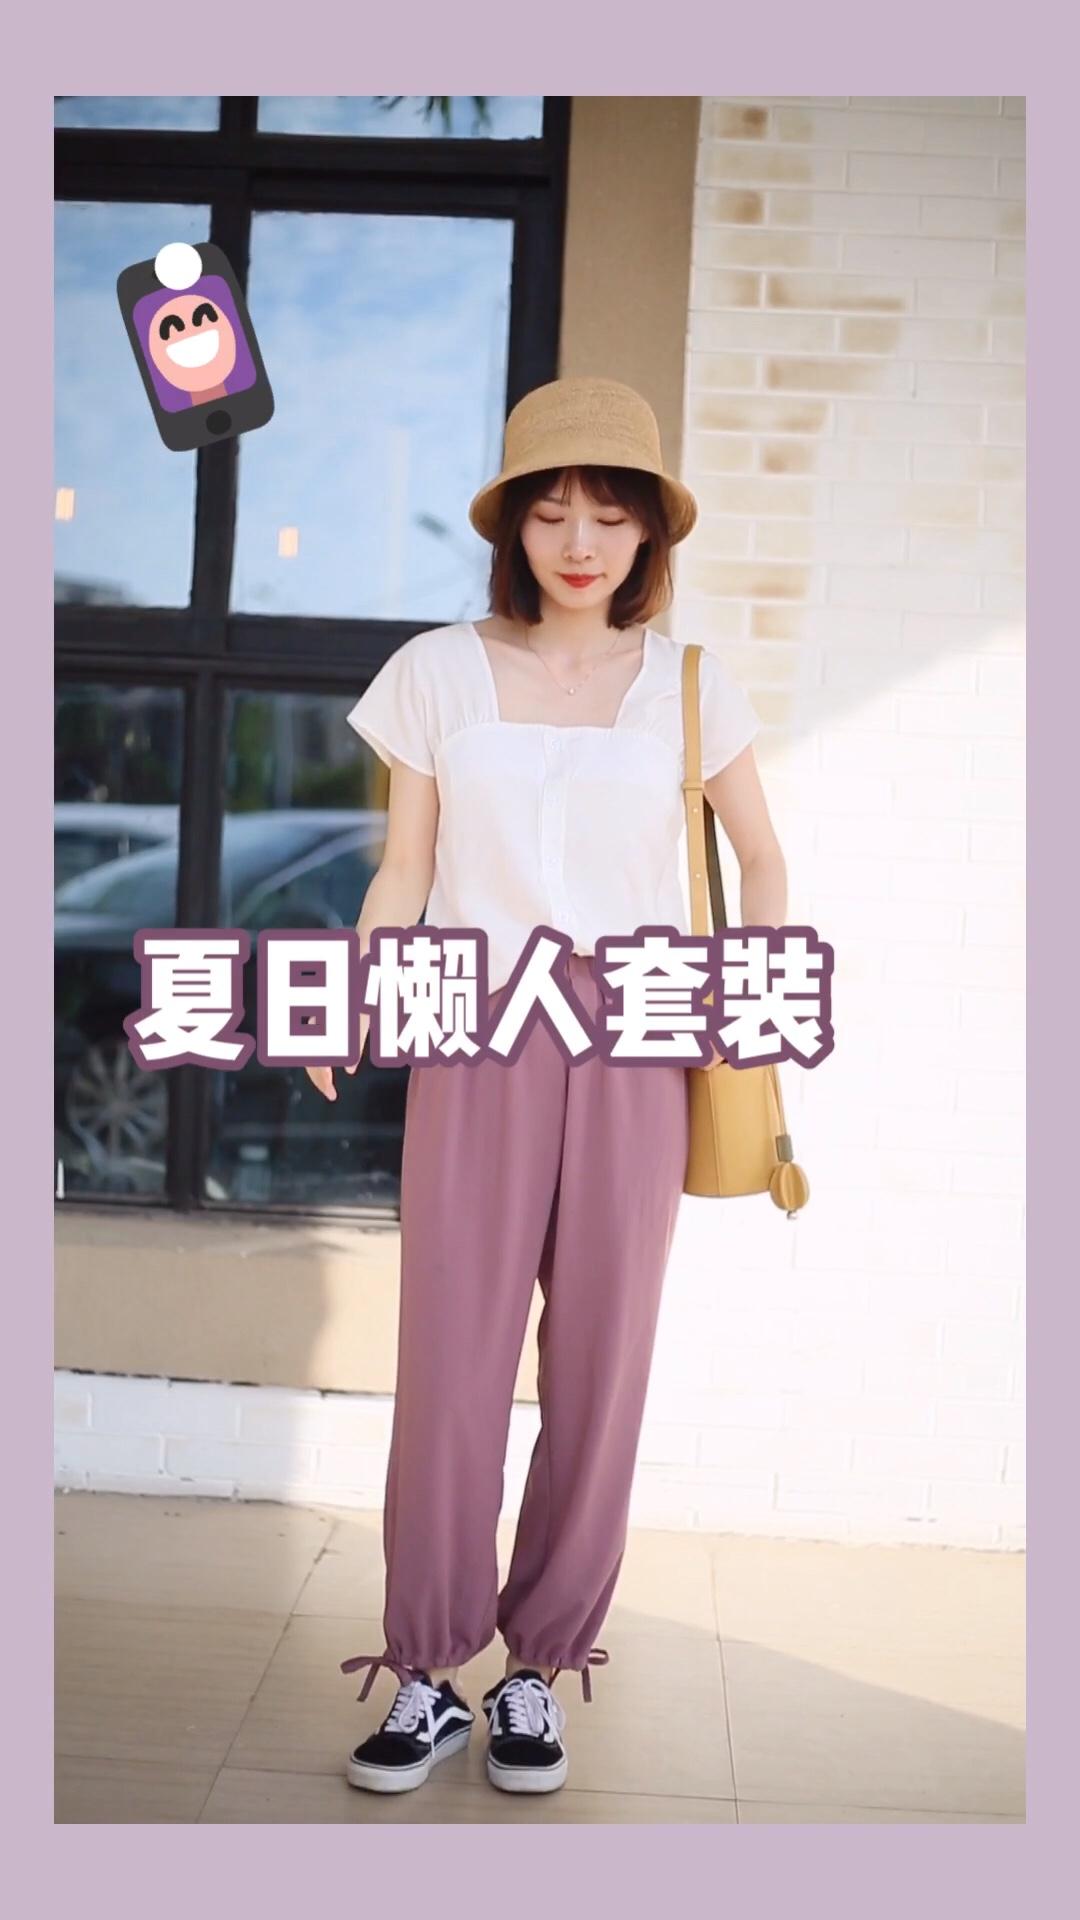 #粗腿亲妈,显瘦神裤#  束腿萝卜裤多遮肉多显瘦 真的自己穿过了就知道了 面料轻薄透气 三伏天穿也完全👌的啊 紫色也超洋气 搭配白色上衣清爽舒适